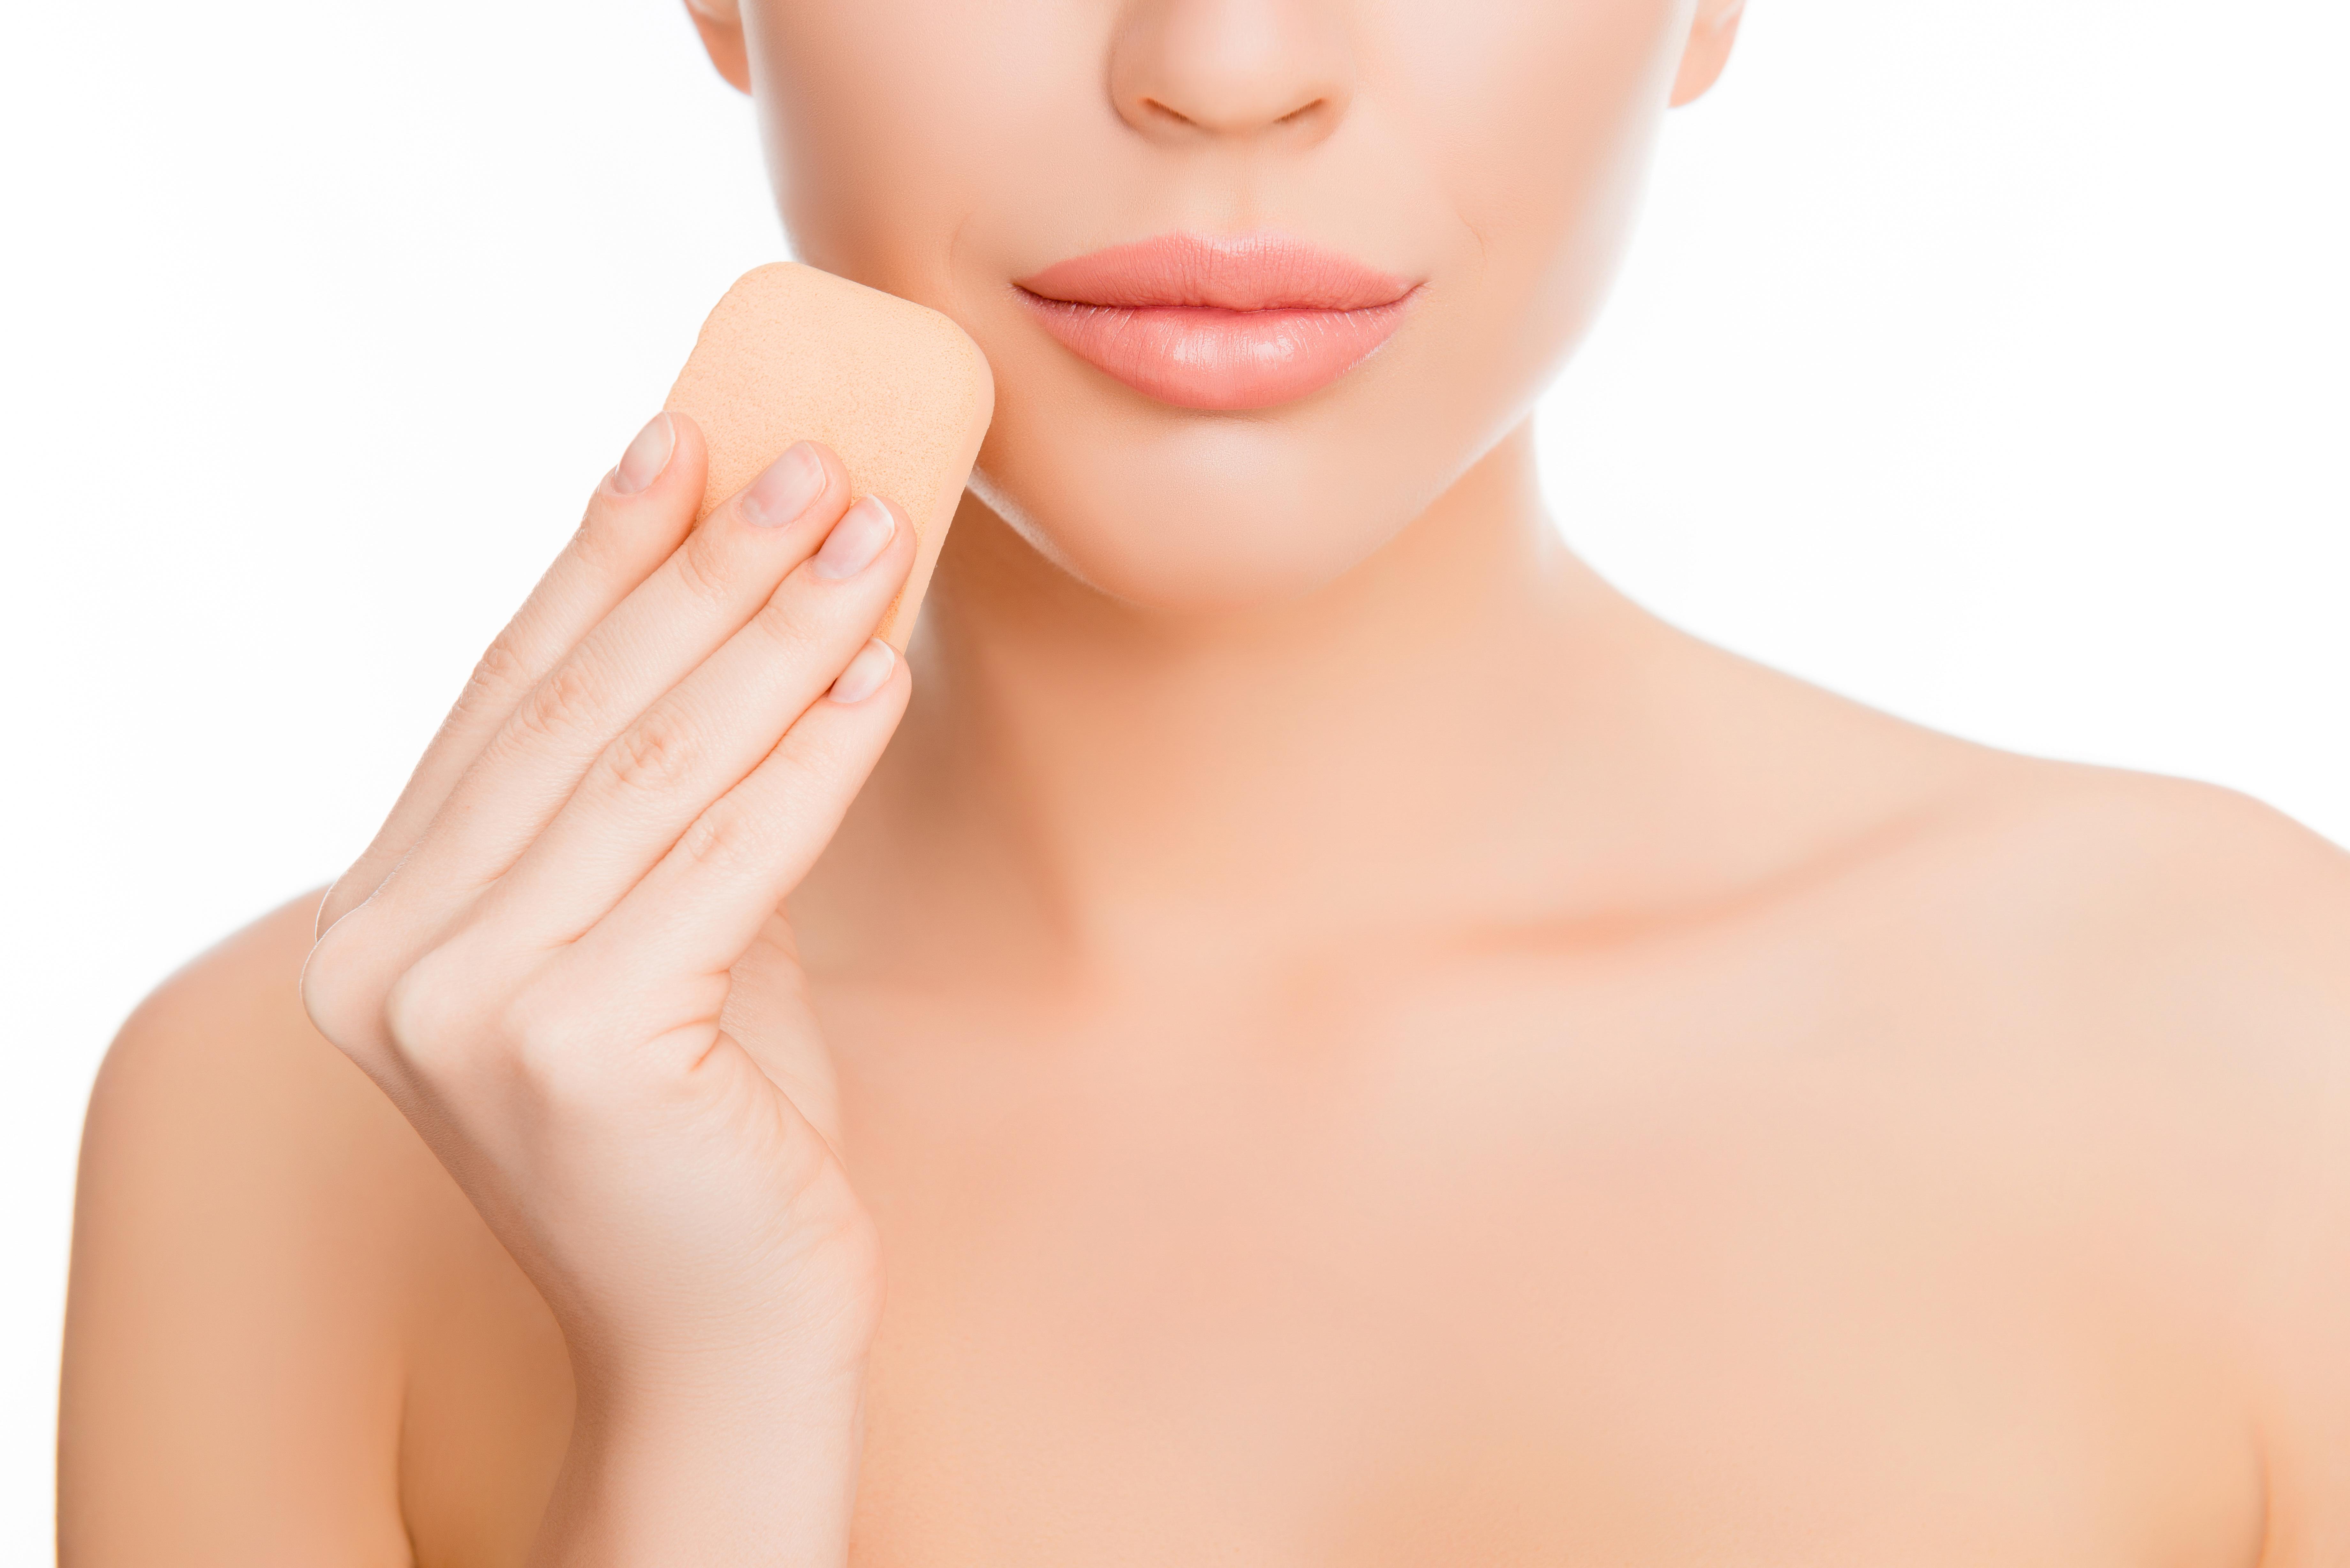 9 trousses de maquillage sur 10 sont contaminées par des superbactéries